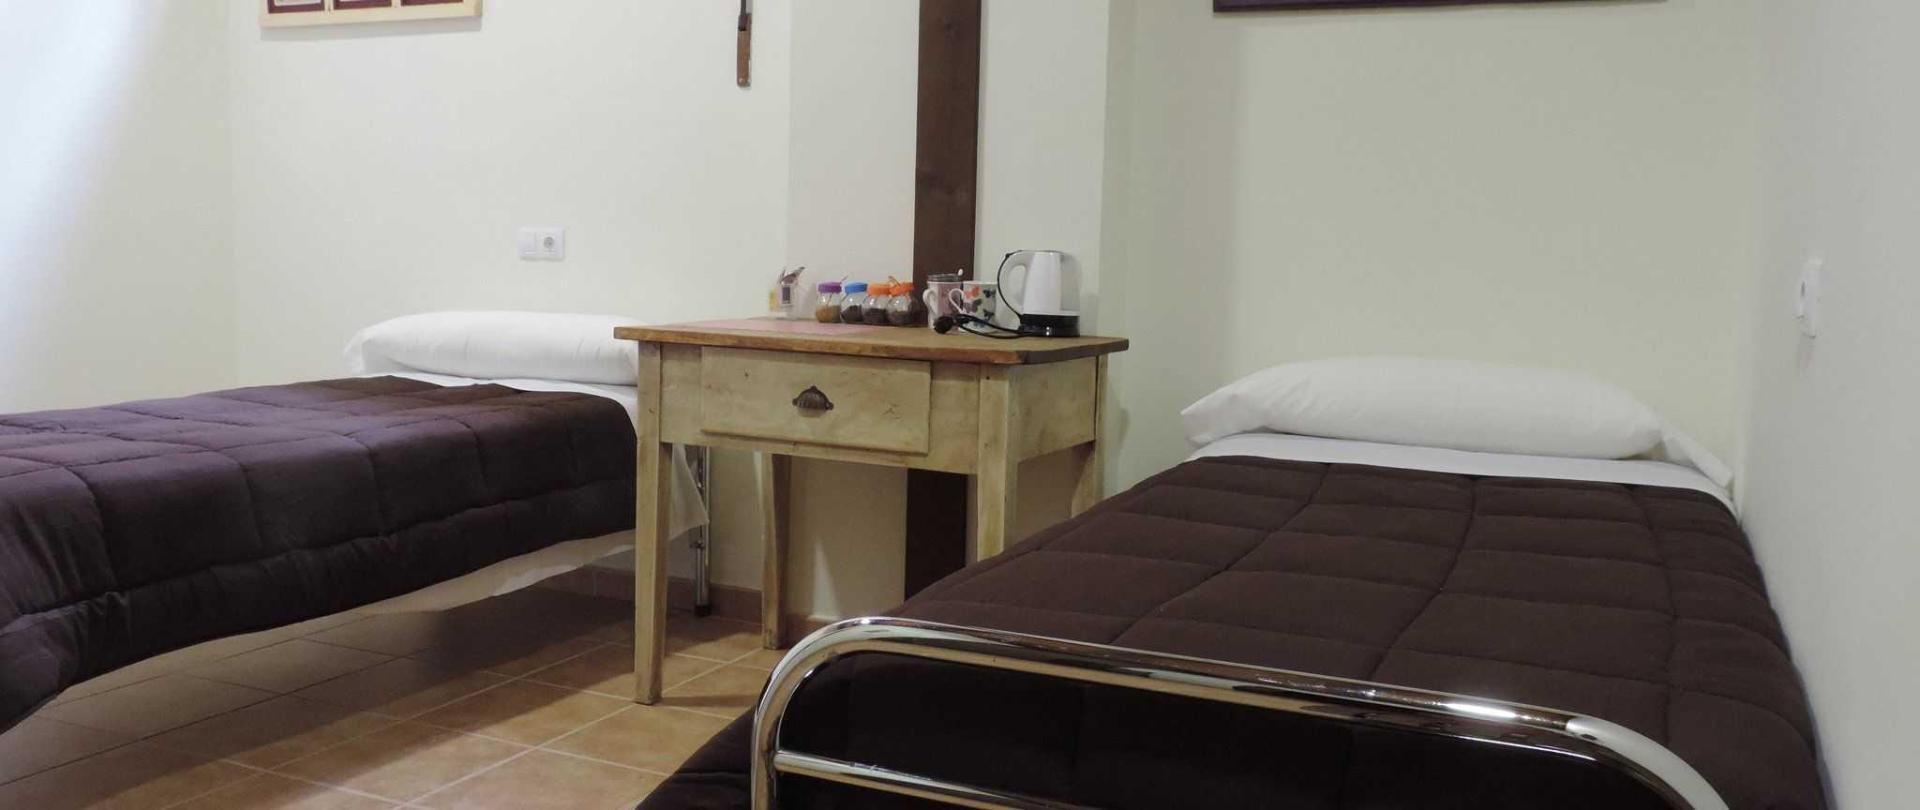 Habitación doble (dos camas) privada.JPG